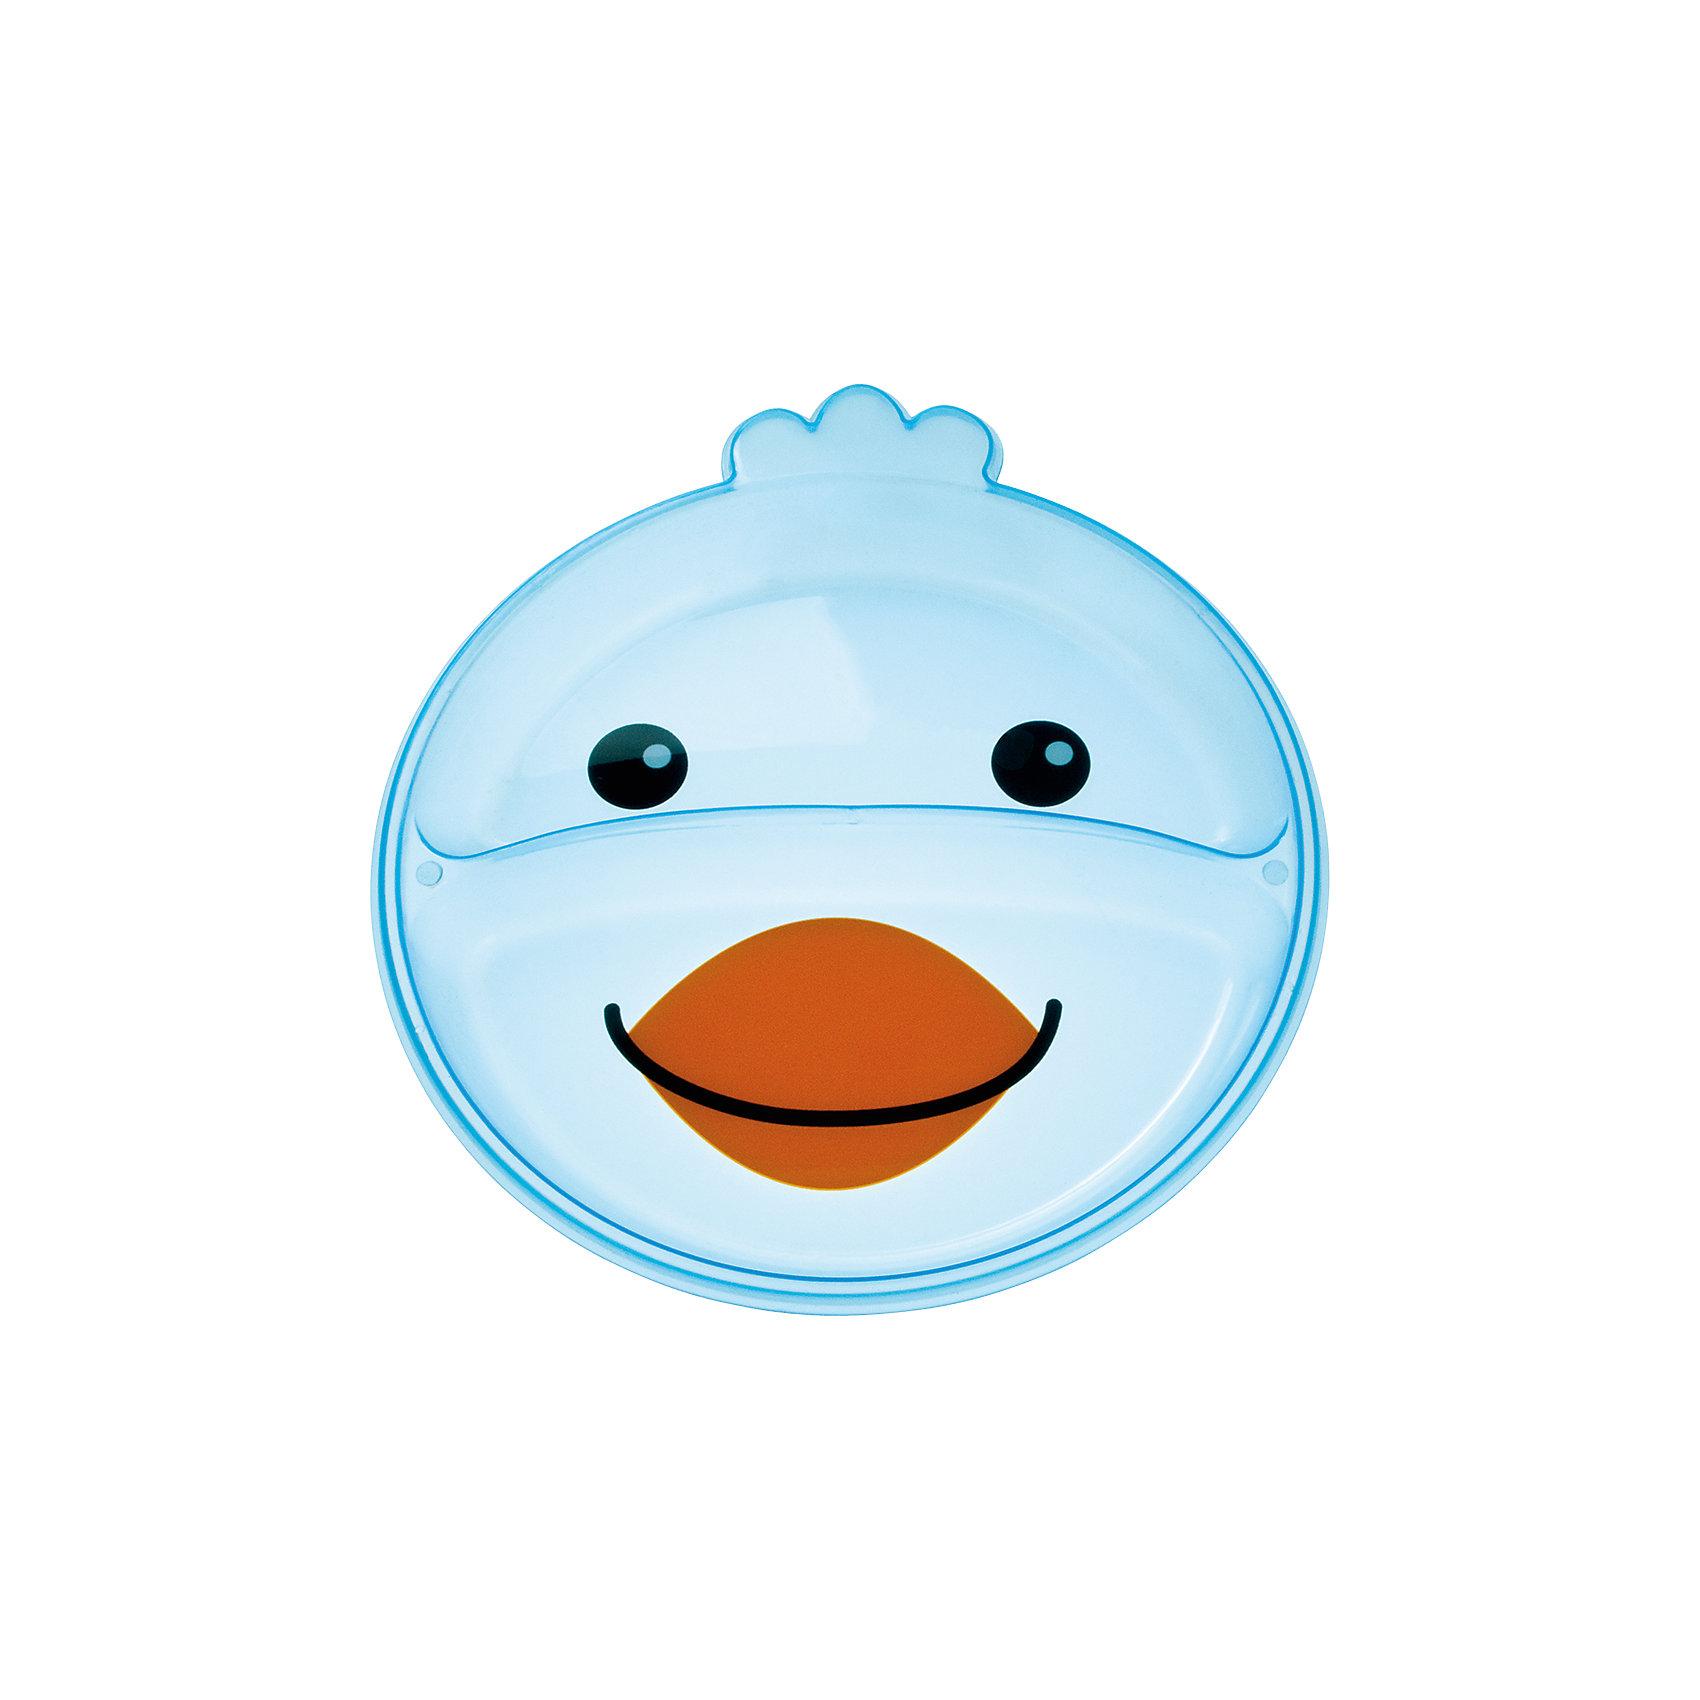 Тарелка с разделением Animals Птичка, 9+, Canpol Babies, голубойДетская посуда<br>Тарелка с разделением Animals Птичка, 9+, Canpol Babies (Канпол беби), голубой.<br><br>Характеристики:<br>• есть 2 отсека для еды<br>• не содержит бисфенол-А<br>• можно использовать в микроволновой печи и посудомоечной машине<br>• интересный дизайн<br>• размер упаковки: 2х17,7х21,5 см<br>• вес: 100 грамм<br>• объем: 400 мл<br>• цвет: голубой<br>• материал: пластик <br><br>Тарелка Птичка изготовлена из качественного пластика и не содержит бисфенол-А. Тарелка имеет 2 отсека для еды. Вы сможете подать отдельно мясо и гарнир или кашу и фрукты. Посуда выполнена в виде улыбающейся птички, которая с удовольствием покажет крохе свою мордашку после обеда. Такая веселая тарелочка превратит прием пищи в веселую игру!<br><br>Тарелку с разделением Animals Птичка, 9+, Canpol Babies (Канпол беби), голубой вы можете купить в нашем интернет-магазине.<br><br>Ширина мм: 20<br>Глубина мм: 215<br>Высота мм: 177<br>Вес г: 390<br>Возраст от месяцев: 9<br>Возраст до месяцев: 36<br>Пол: Унисекс<br>Возраст: Детский<br>SKU: 5156696